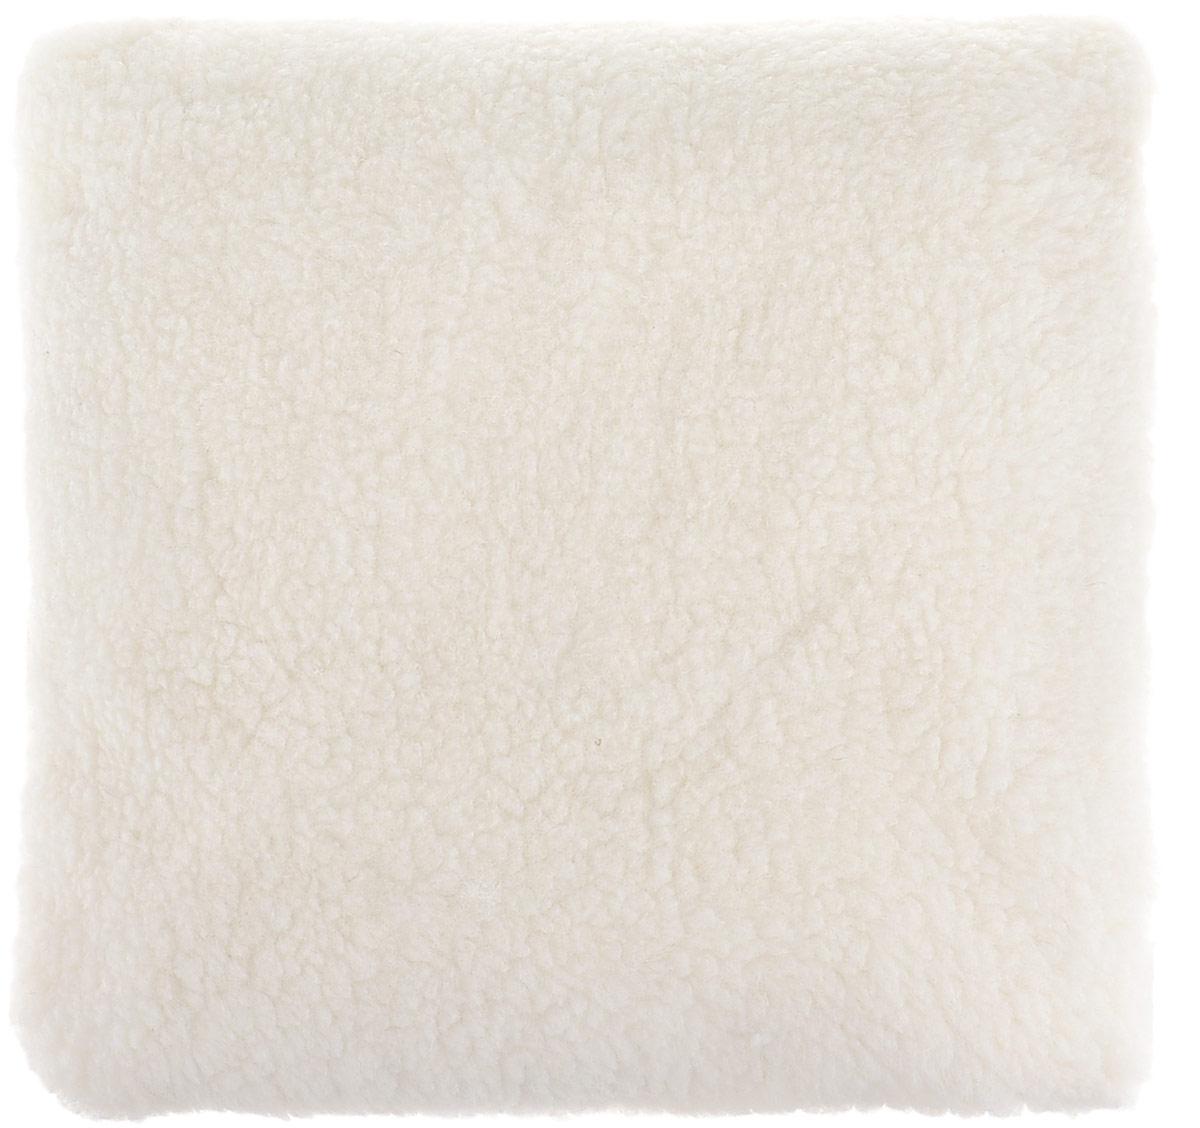 Подушка Bio-Textiles Здоровый сон, наполнитель: лузга гречихи, 40 х 40 см подушки bio textiles подушка здоровый сон с искусственным лебяжьим пухом и овечьим мехом размер 40х40